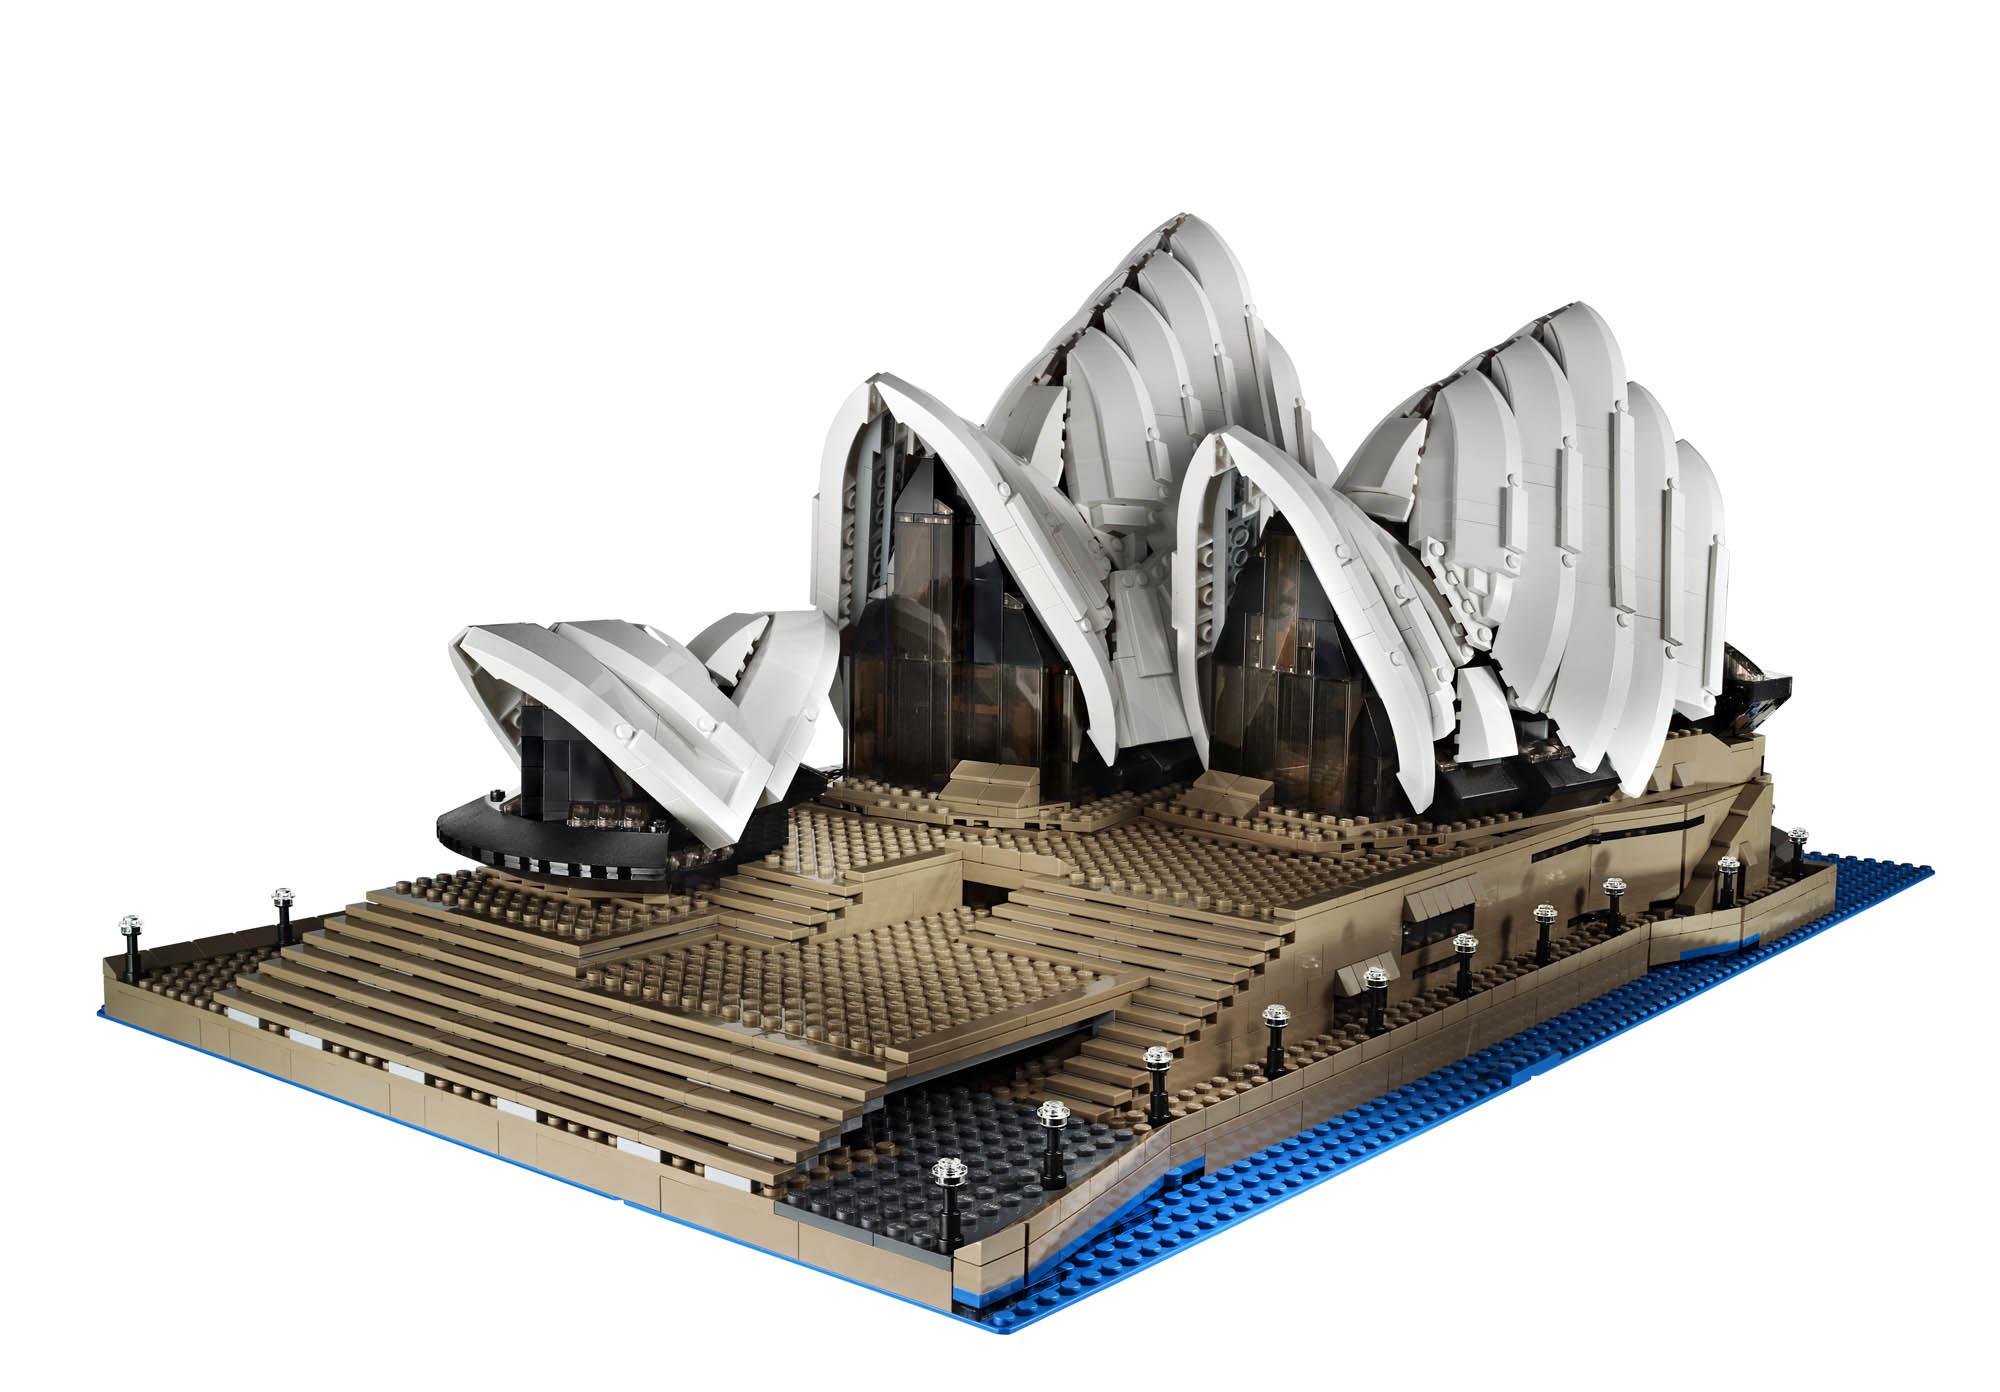 Lego set #10234 - Sydney Opera House